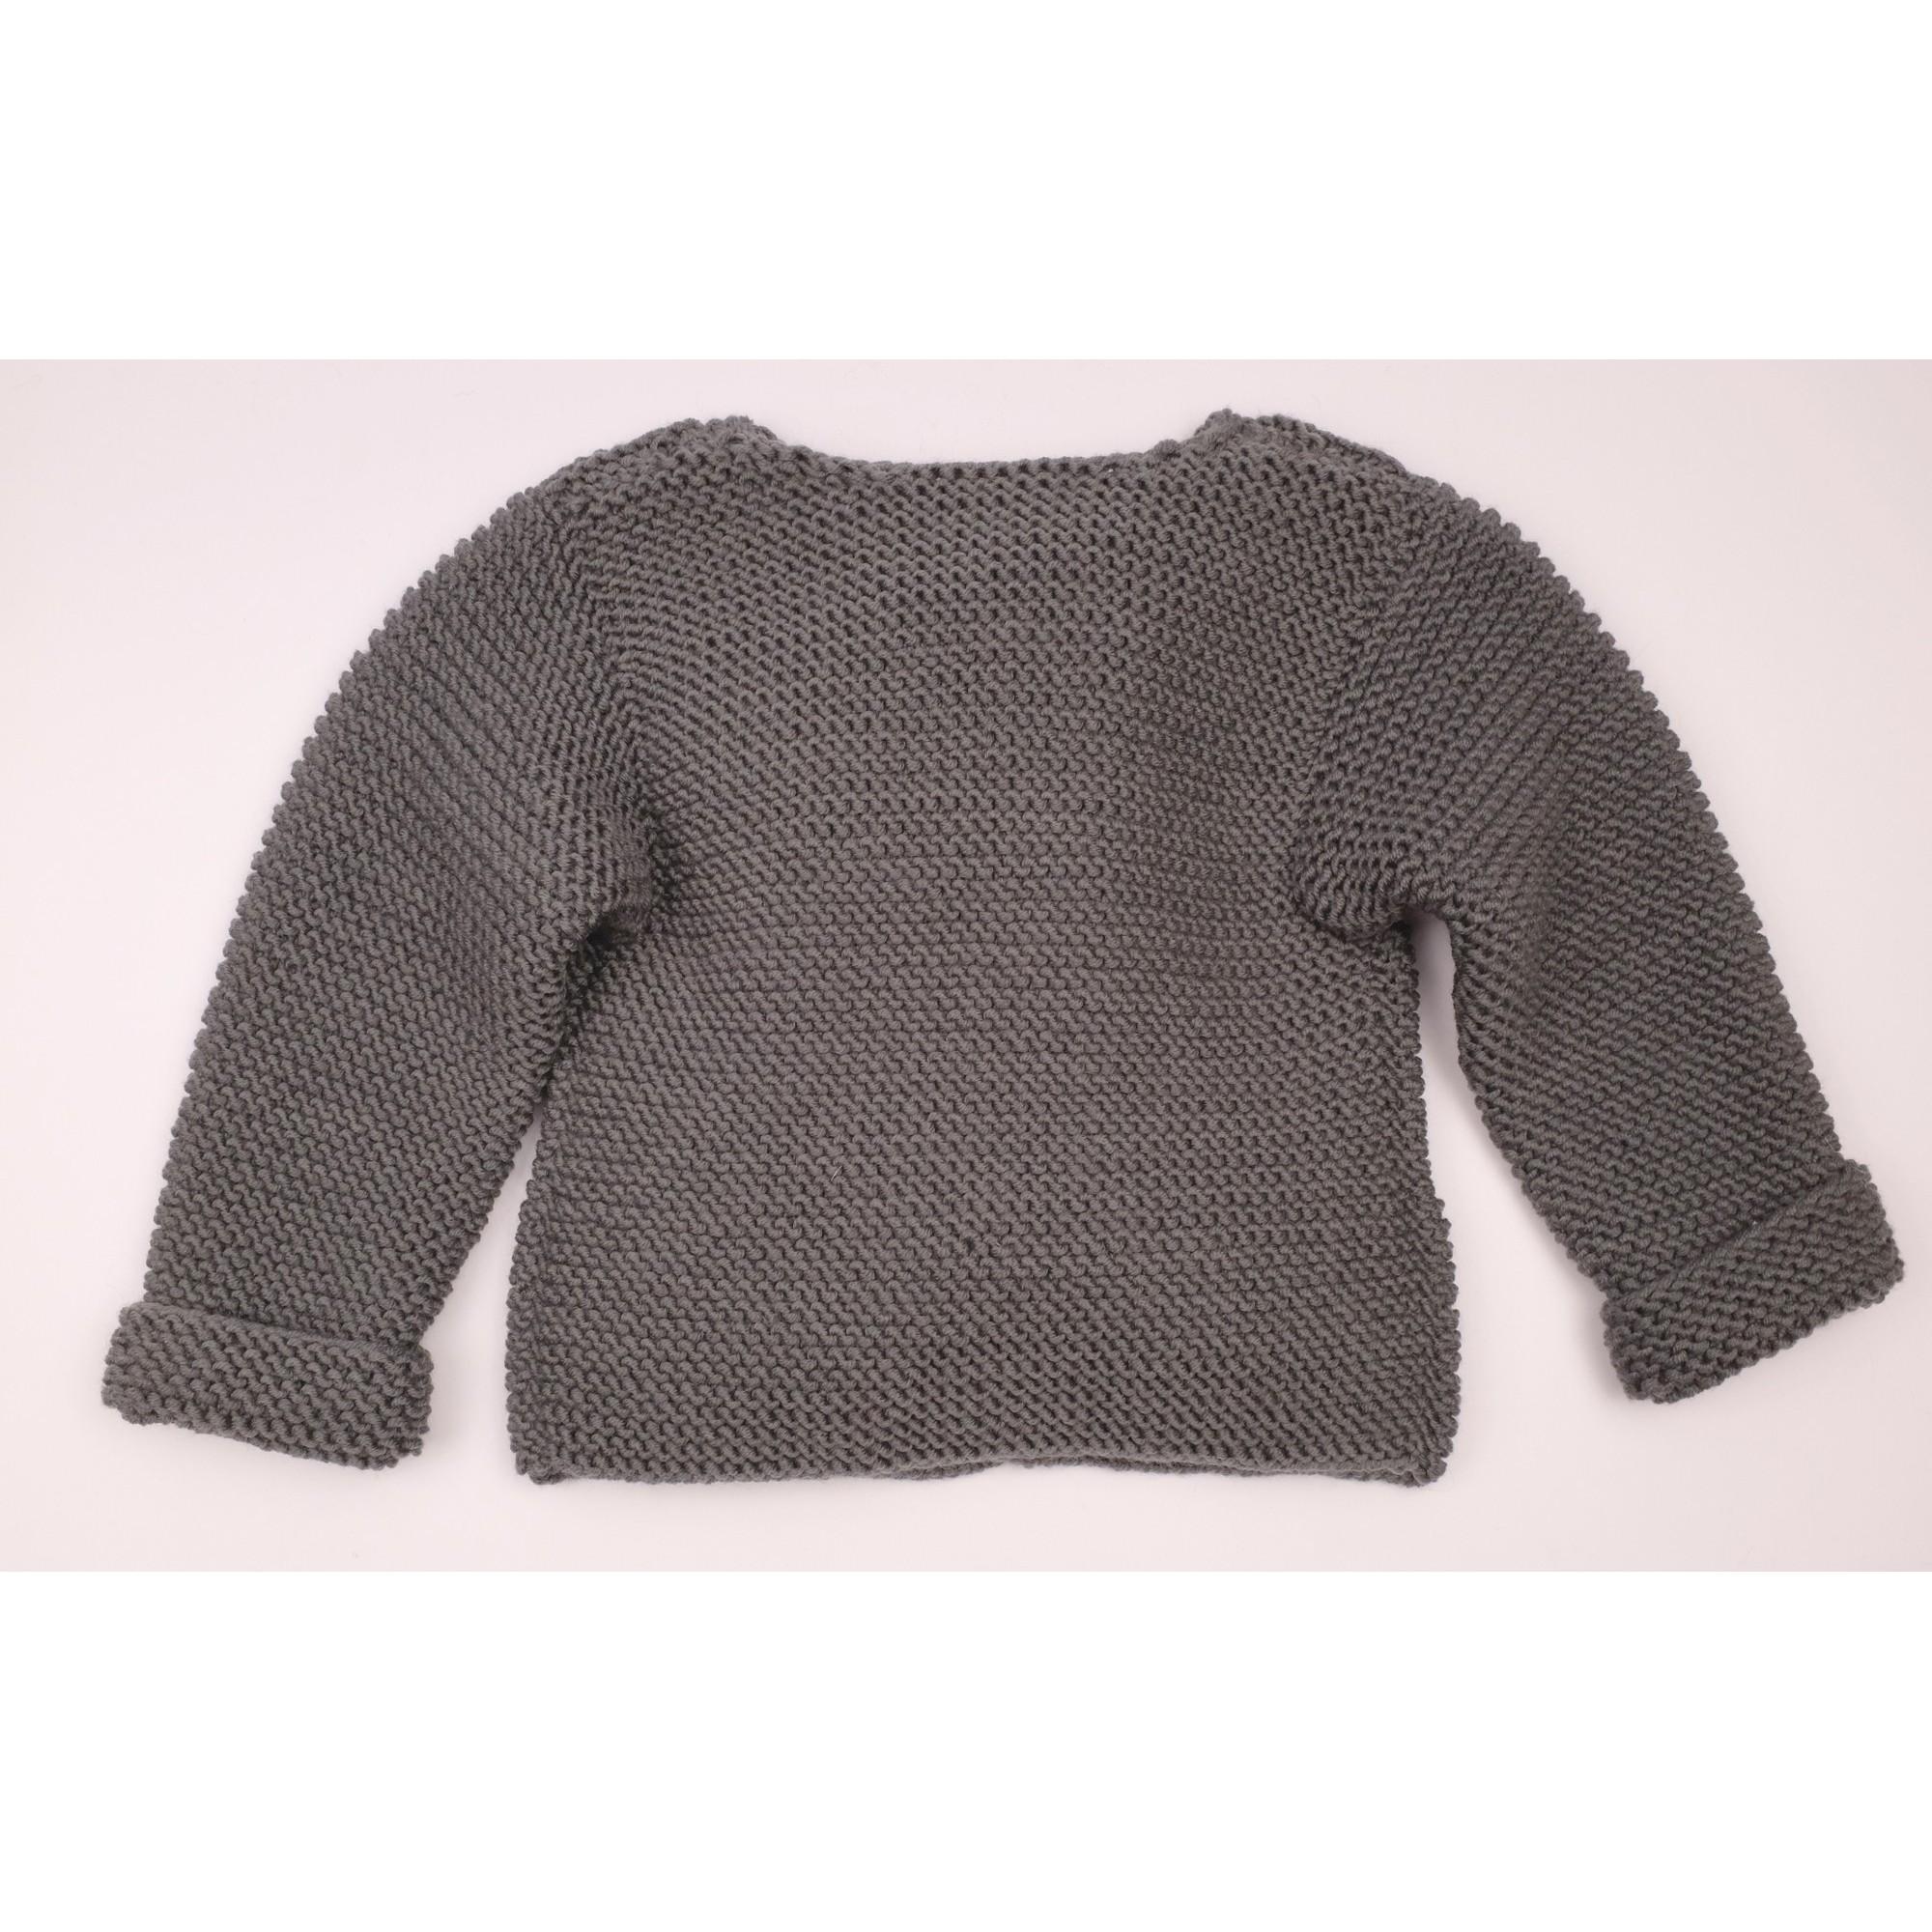 Gilet Simone gris ardoise 100% laine bien chaud dos